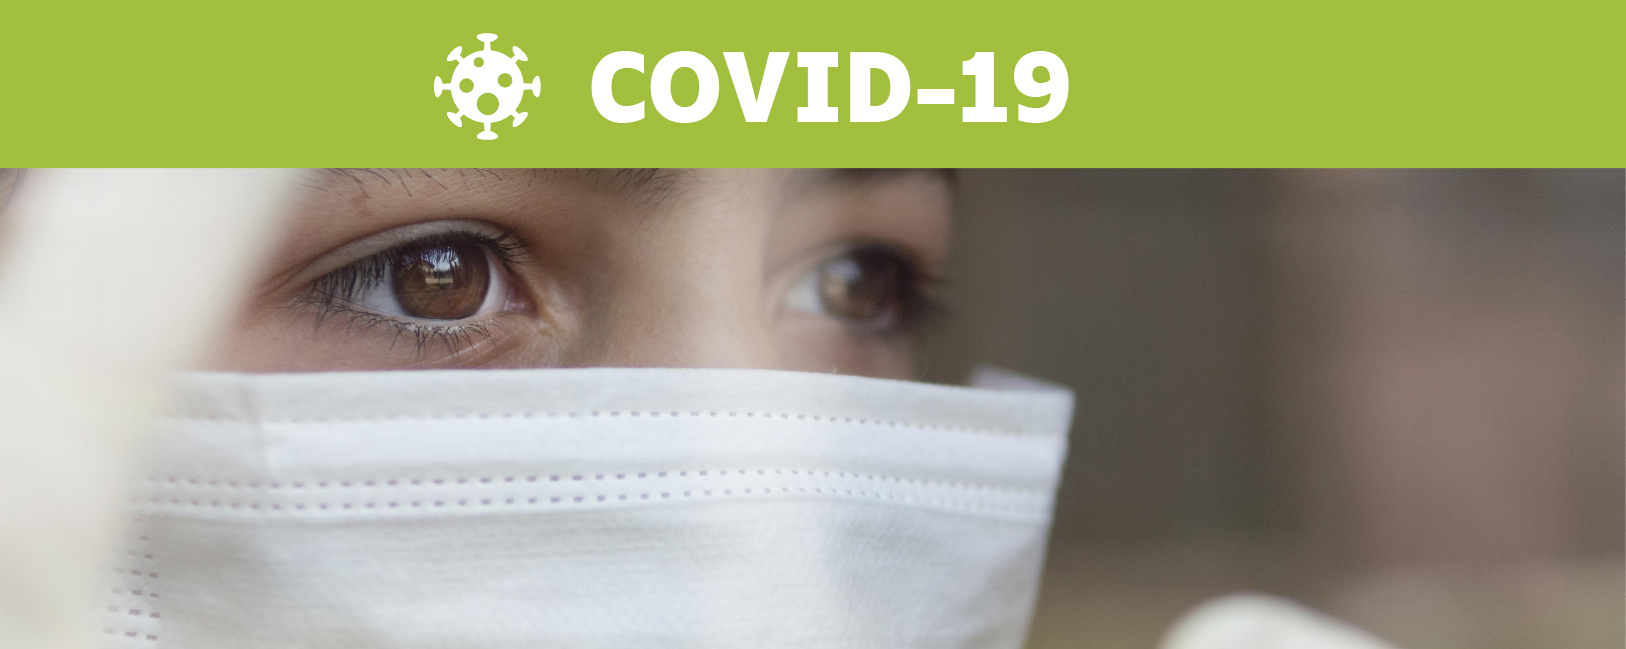 Focus Covid 19 avec bandeau